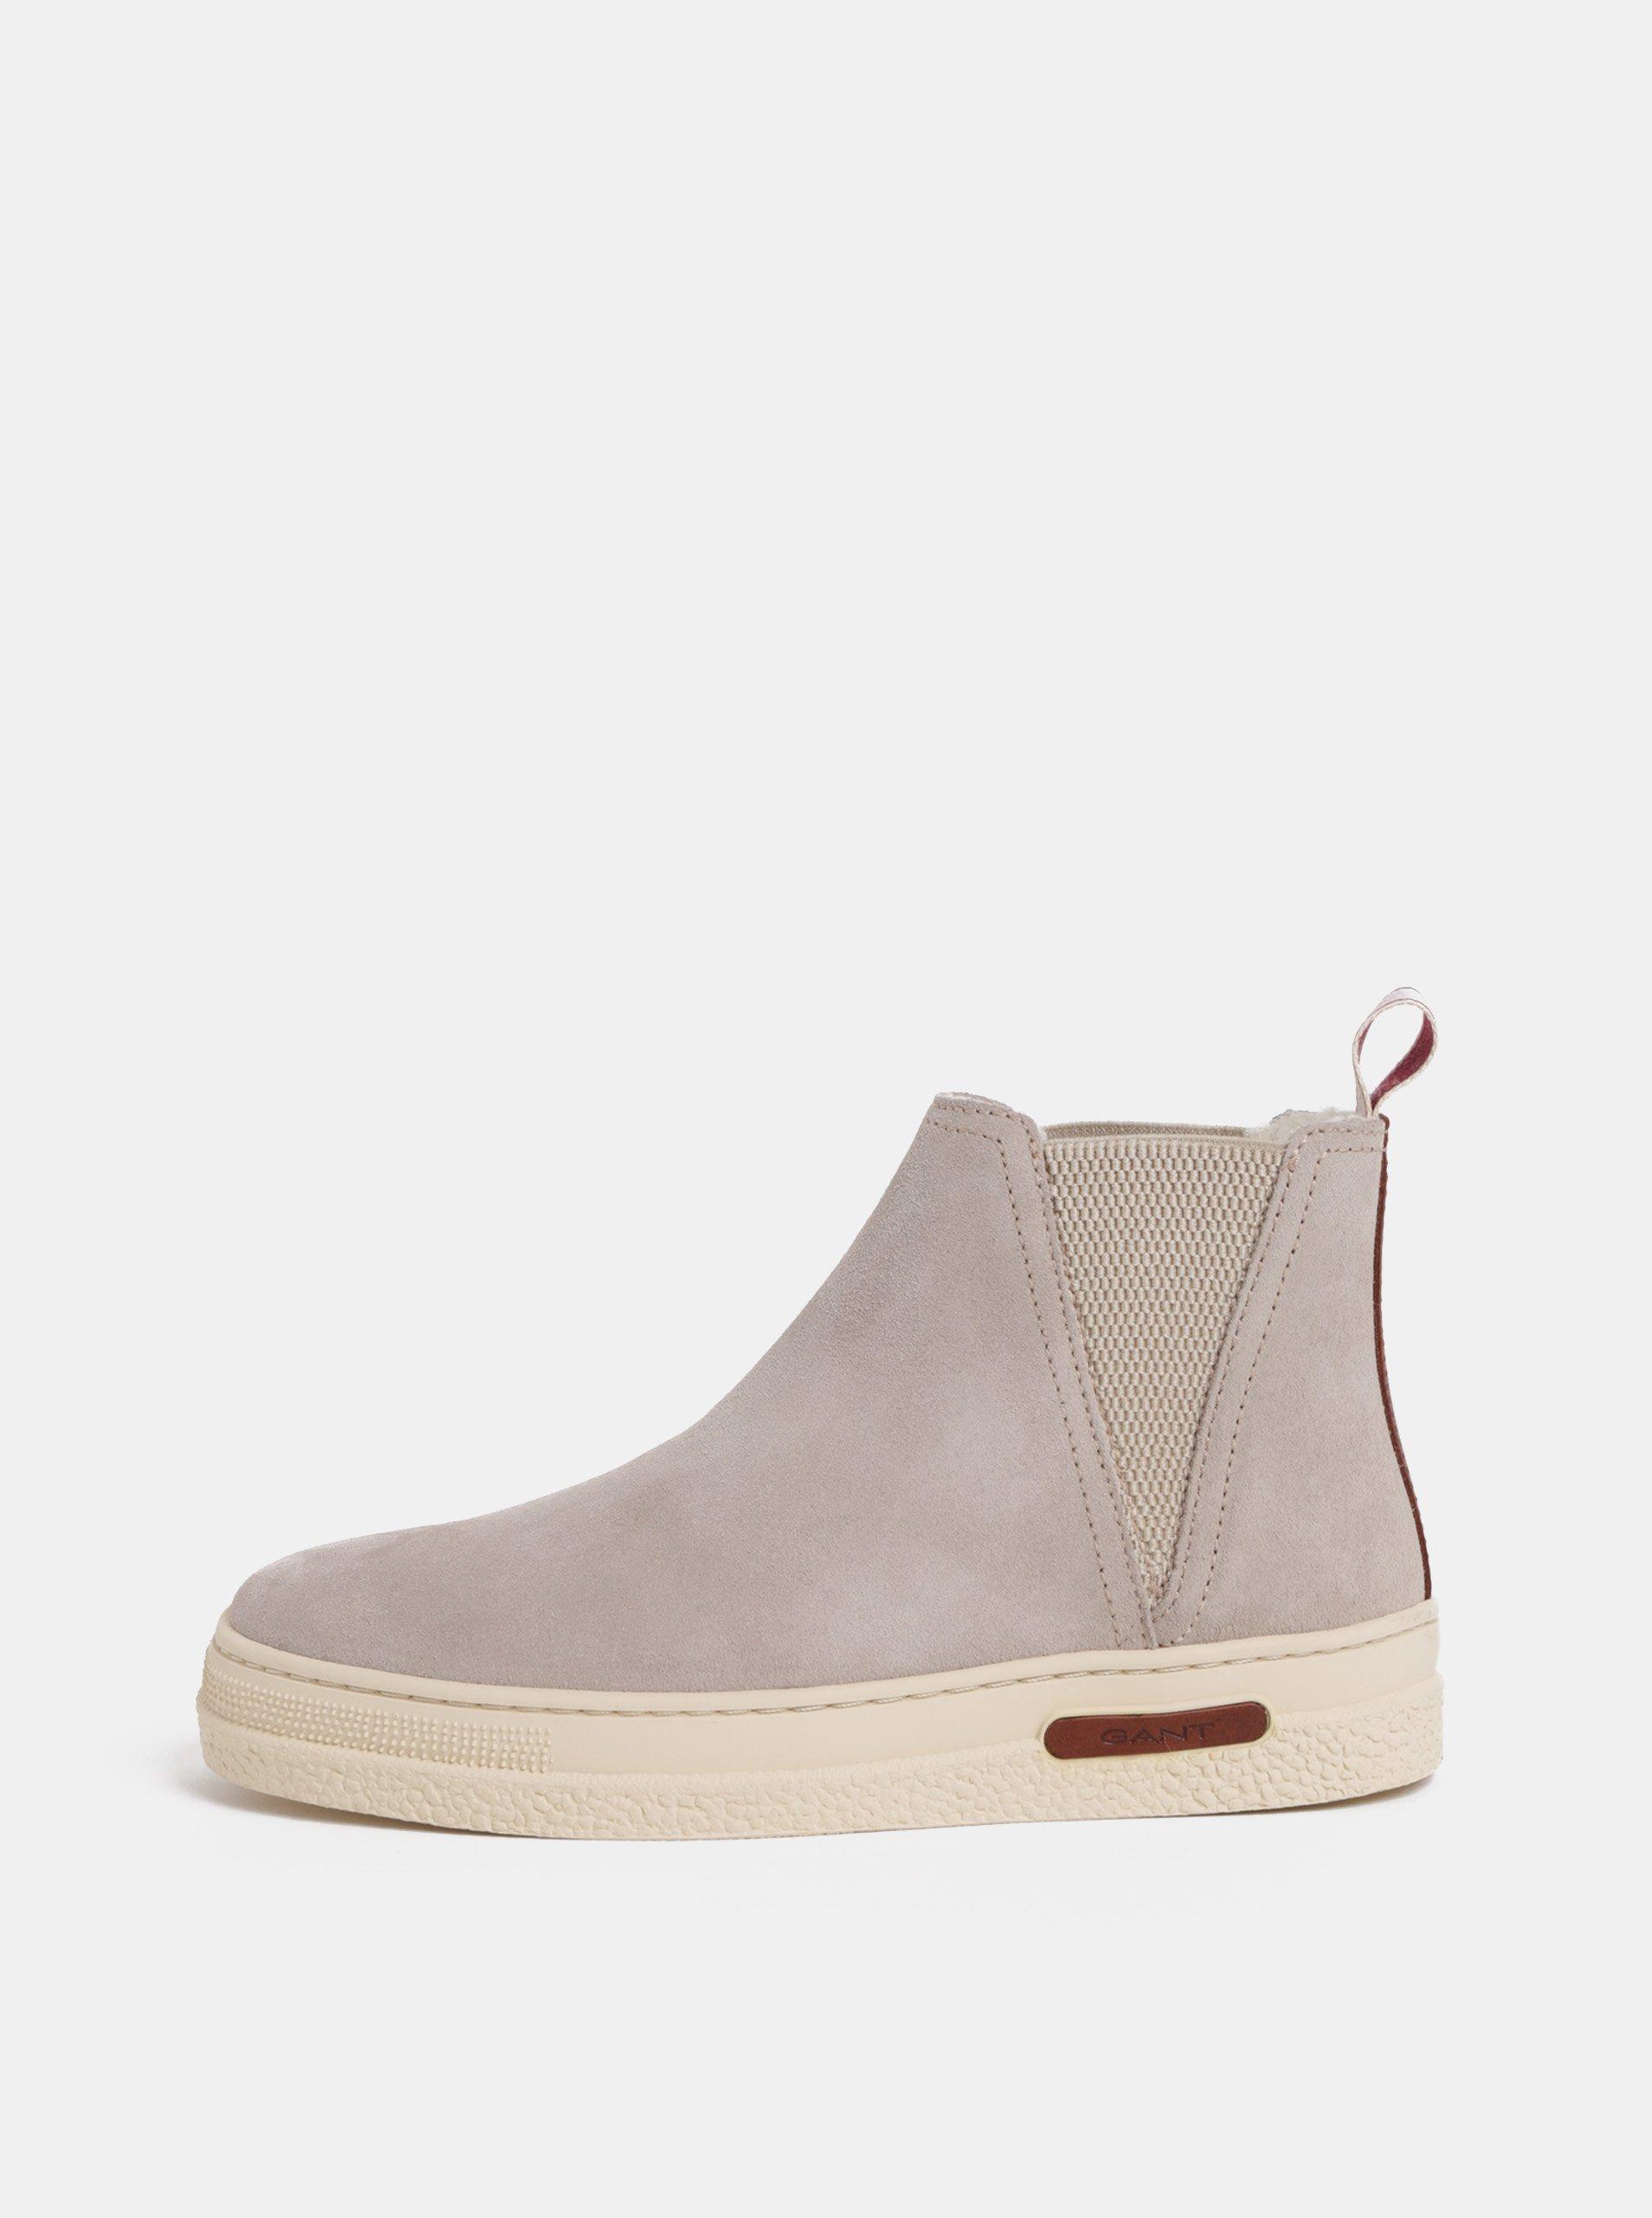 Světle šedé dámské semišové zimní boty s vlněnou podšívkou GANT Maria